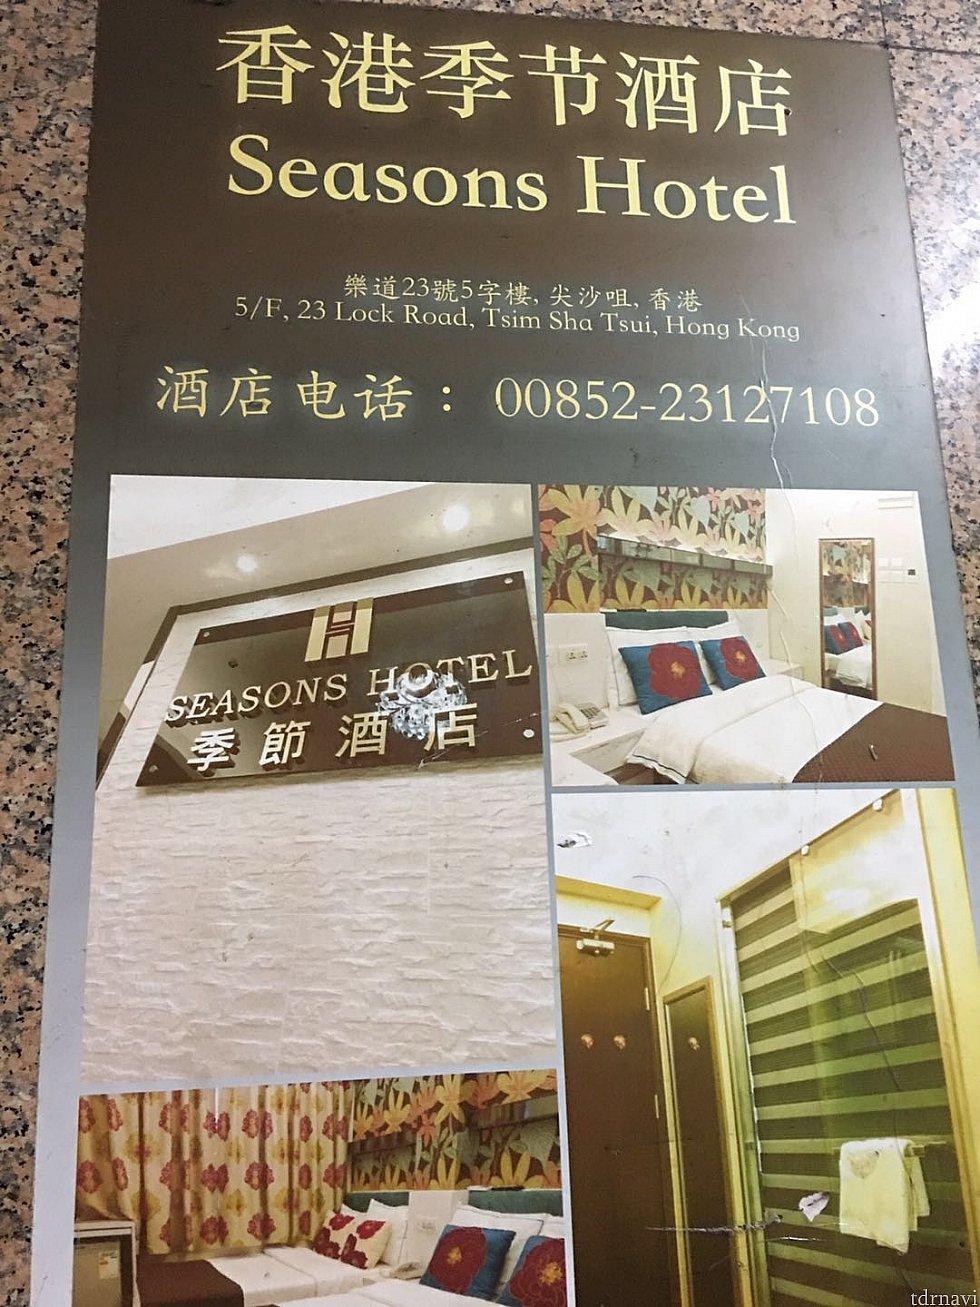 エレベーターホールにはホテルのポスターがありました。